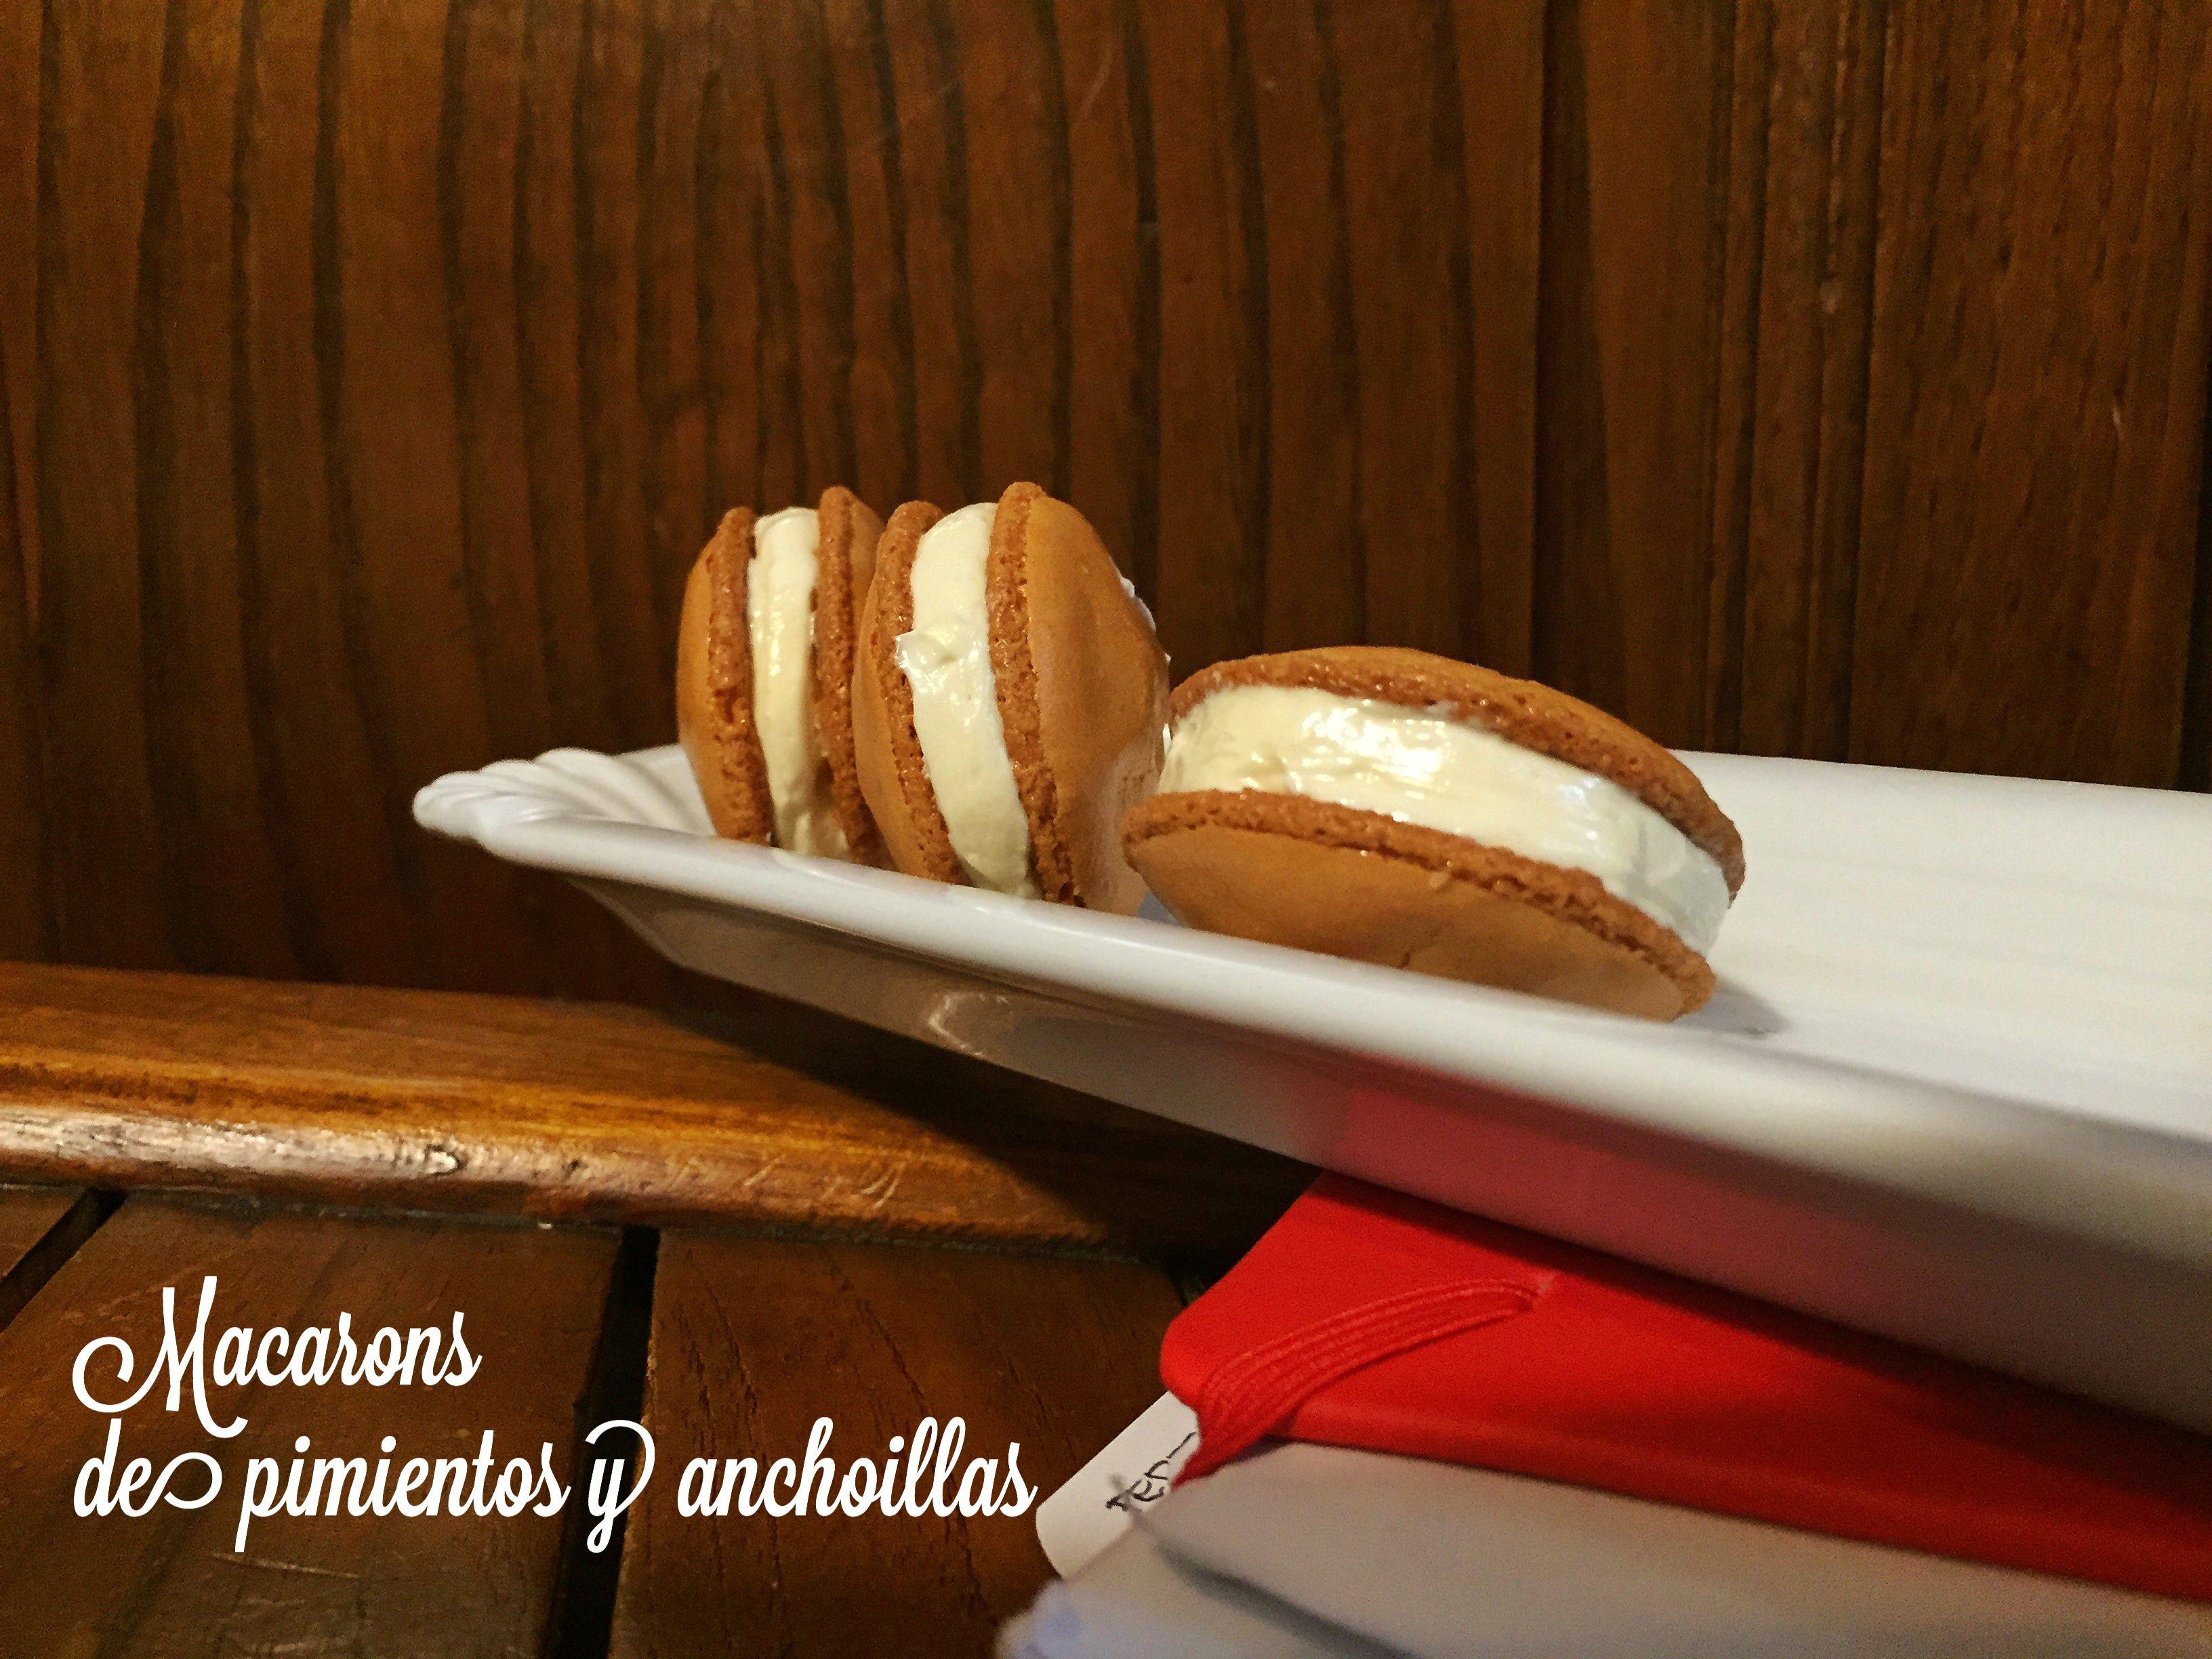 Macaron de pimiento relleno de anchoíllas